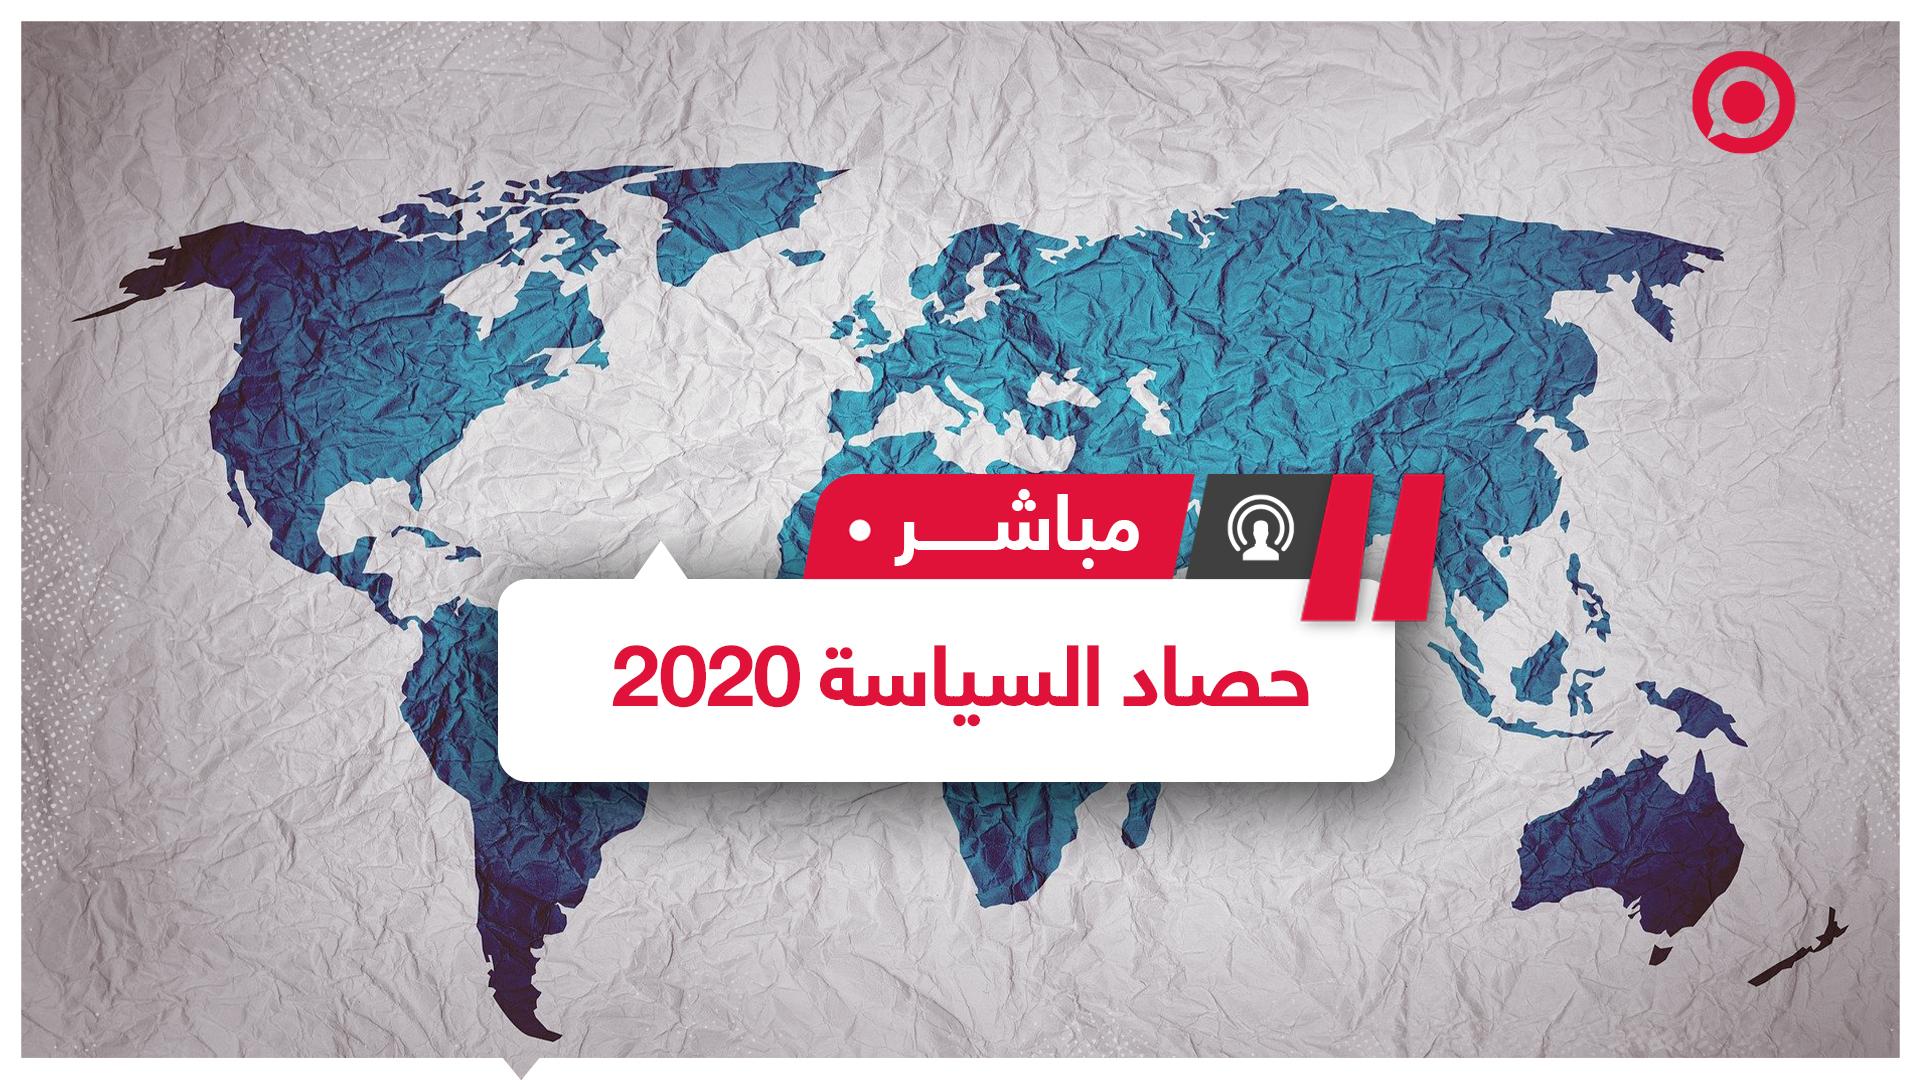 أهم الأحداث التي غيرت المشهد السياسي نرصدها في حصاد السياسة 2020